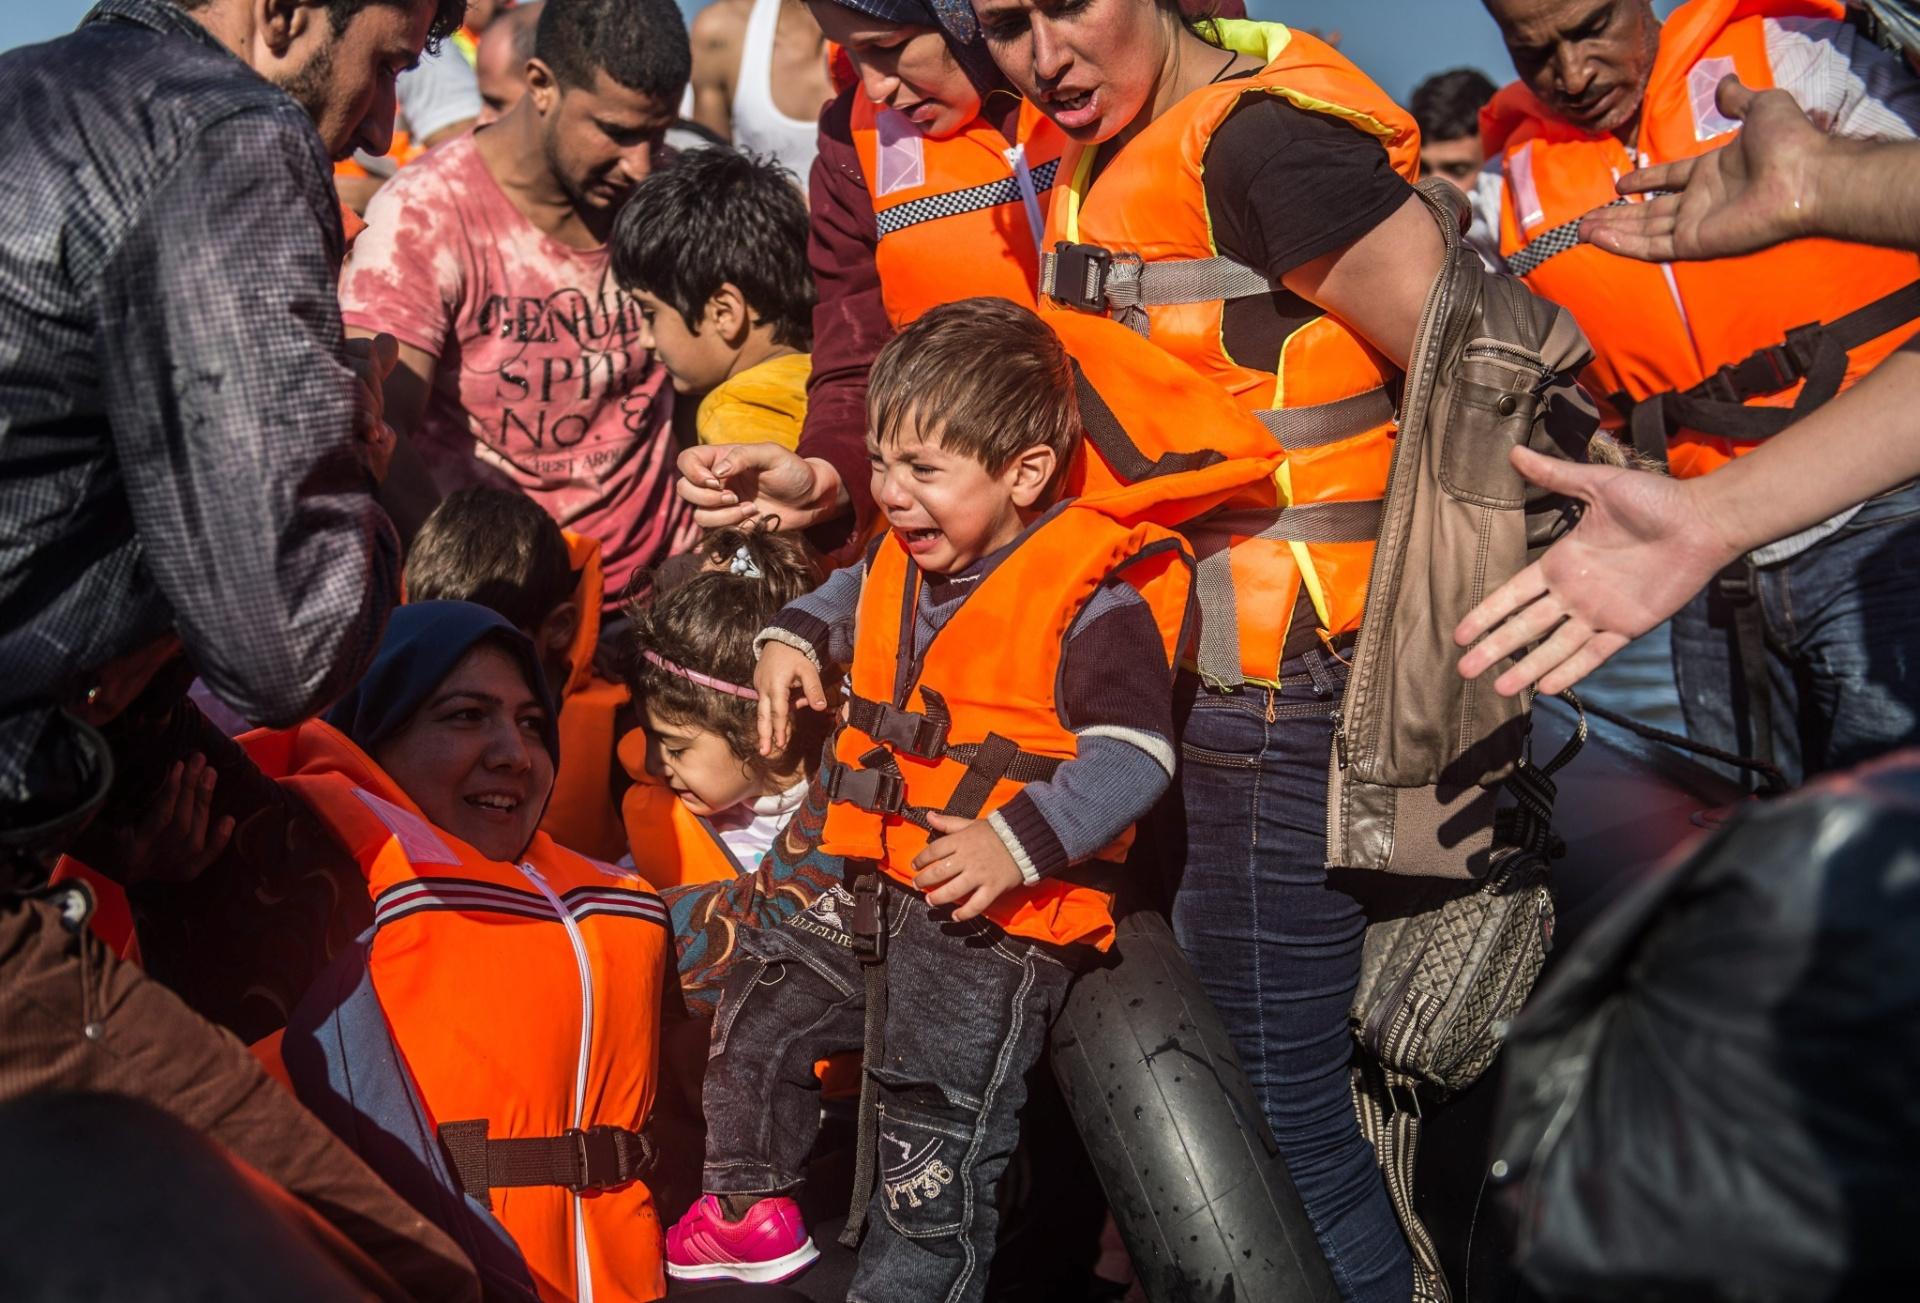 5.out.2015 - Criança síria chora enquanto é resgatada de bote inflável lotado perto da costa de Skala Sikaminias, na ilha de Lesbos, na Grécia. A terceira maior ilha grega já recebeu aproximadamente 90 mil refugiados vindos da Síria, Afeganistão e Iraque que tentam chegar à Europa fugindo de guerras